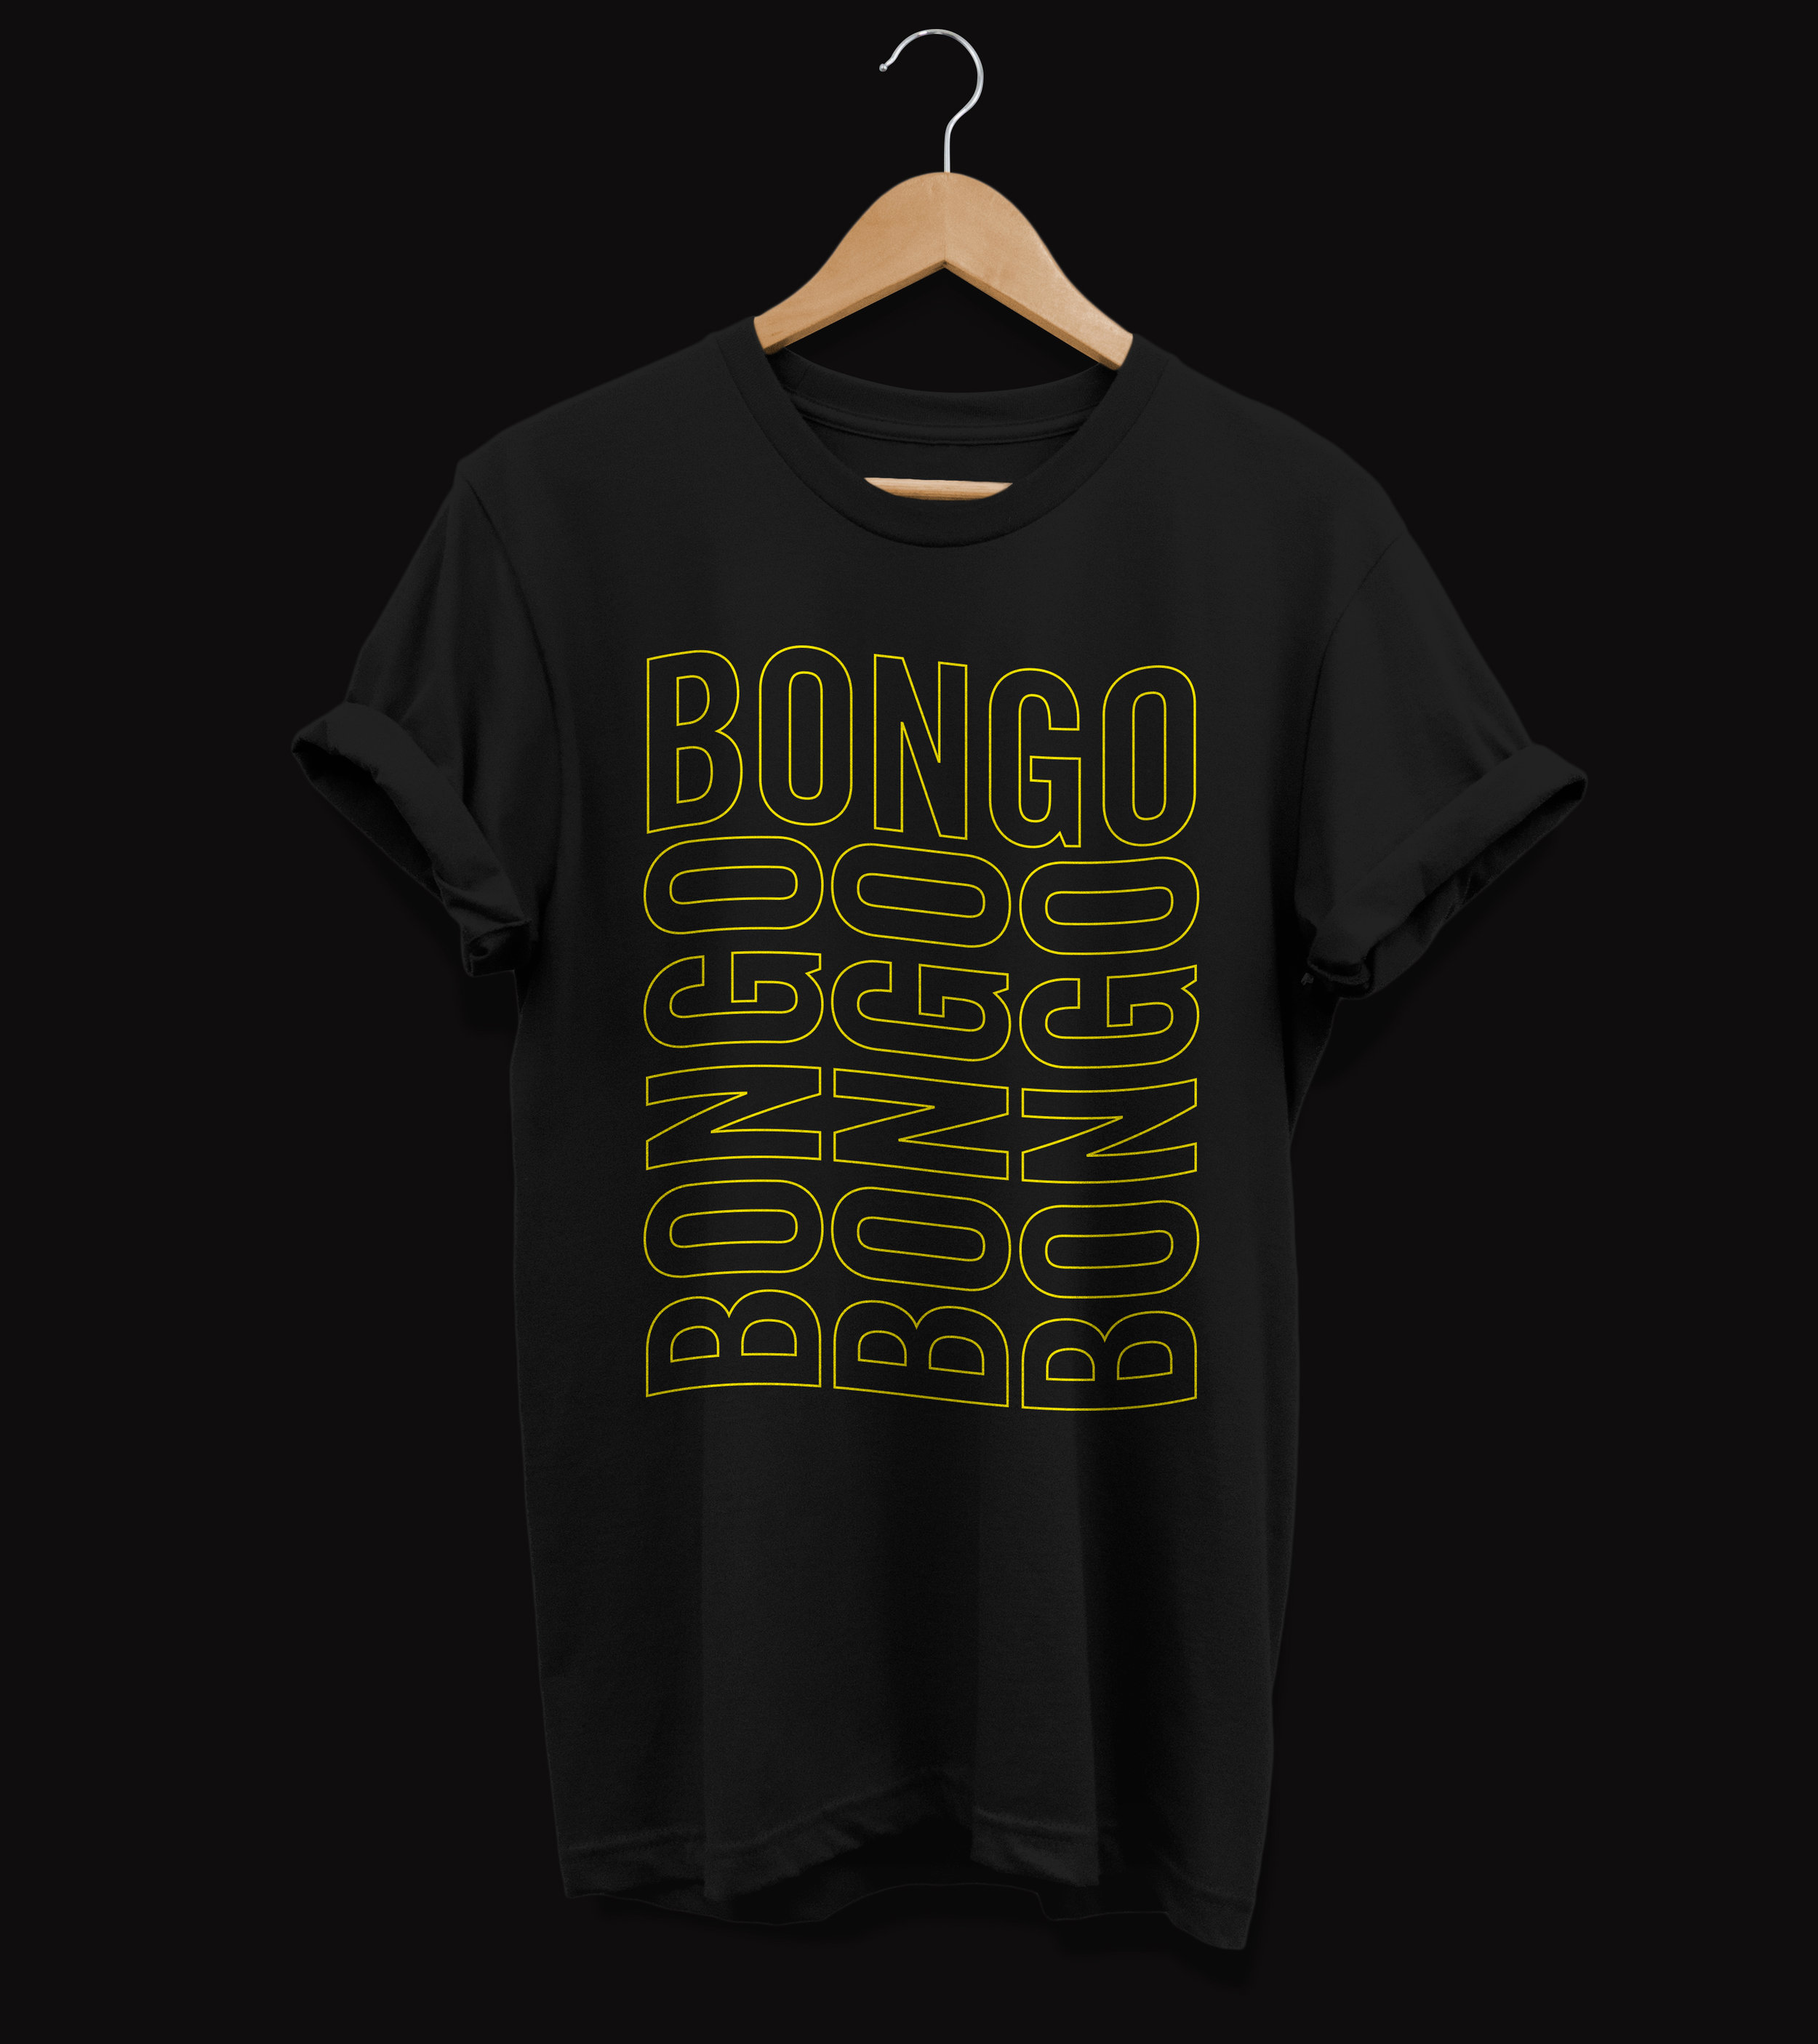 BONGO-tshirt-bongobongobongo-mockup-yellow.jpg